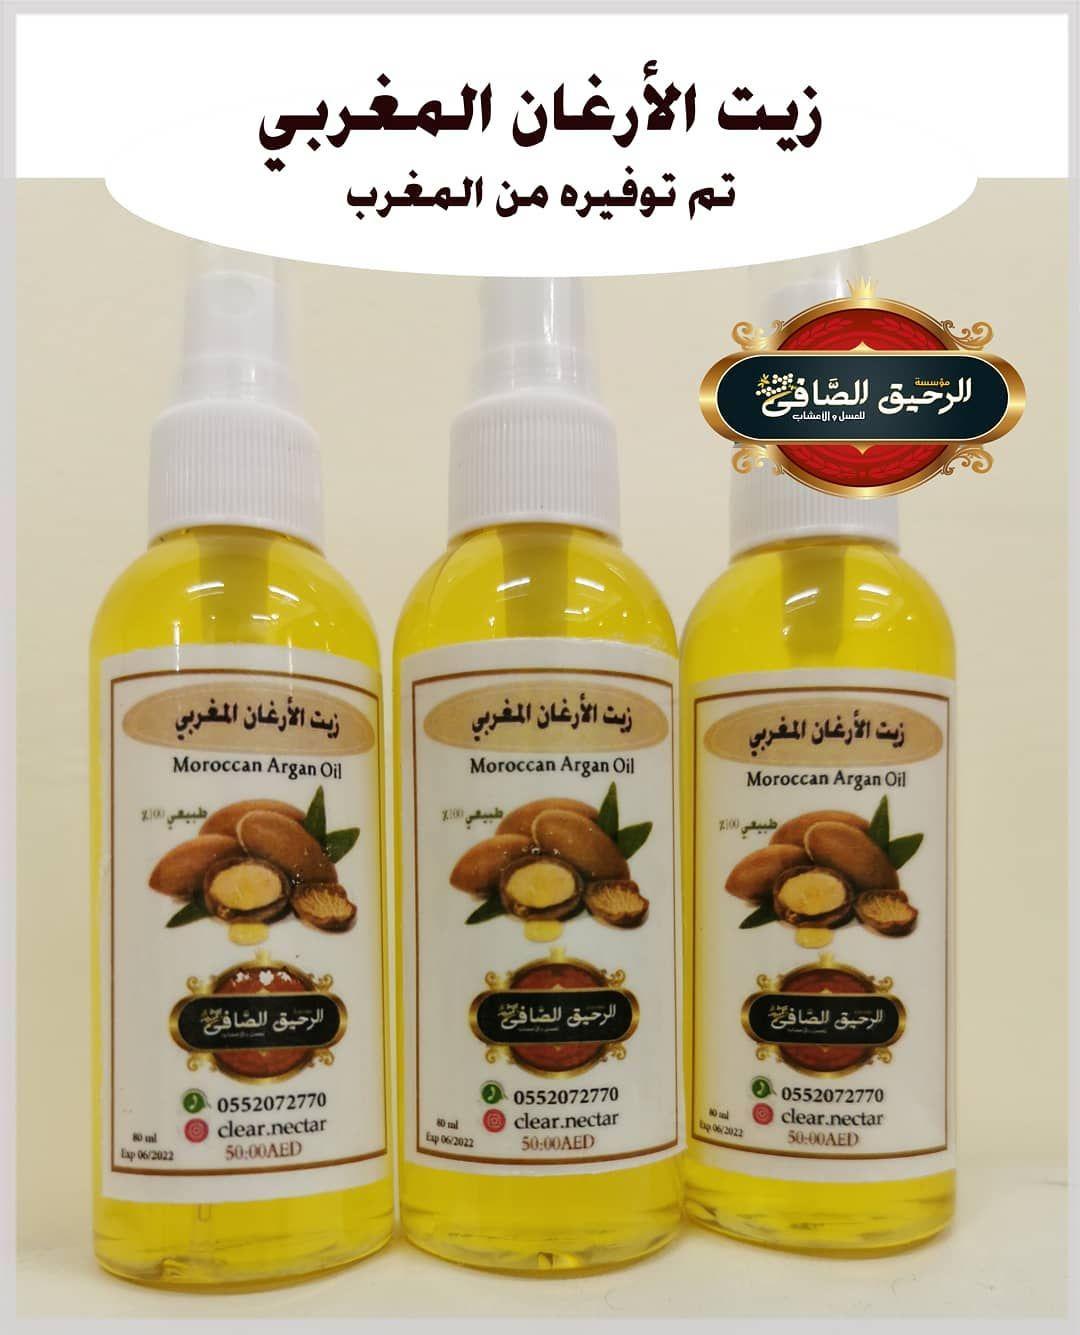 اعلان زيت الأرغان المغربي طبيعي 100 من مدينة أغادير المغربية للشعر والبشرة معبأ في علب بخاخ 80 مل Clear Nectar 05520 Moroccan Argan Oil Argan Oil Oils